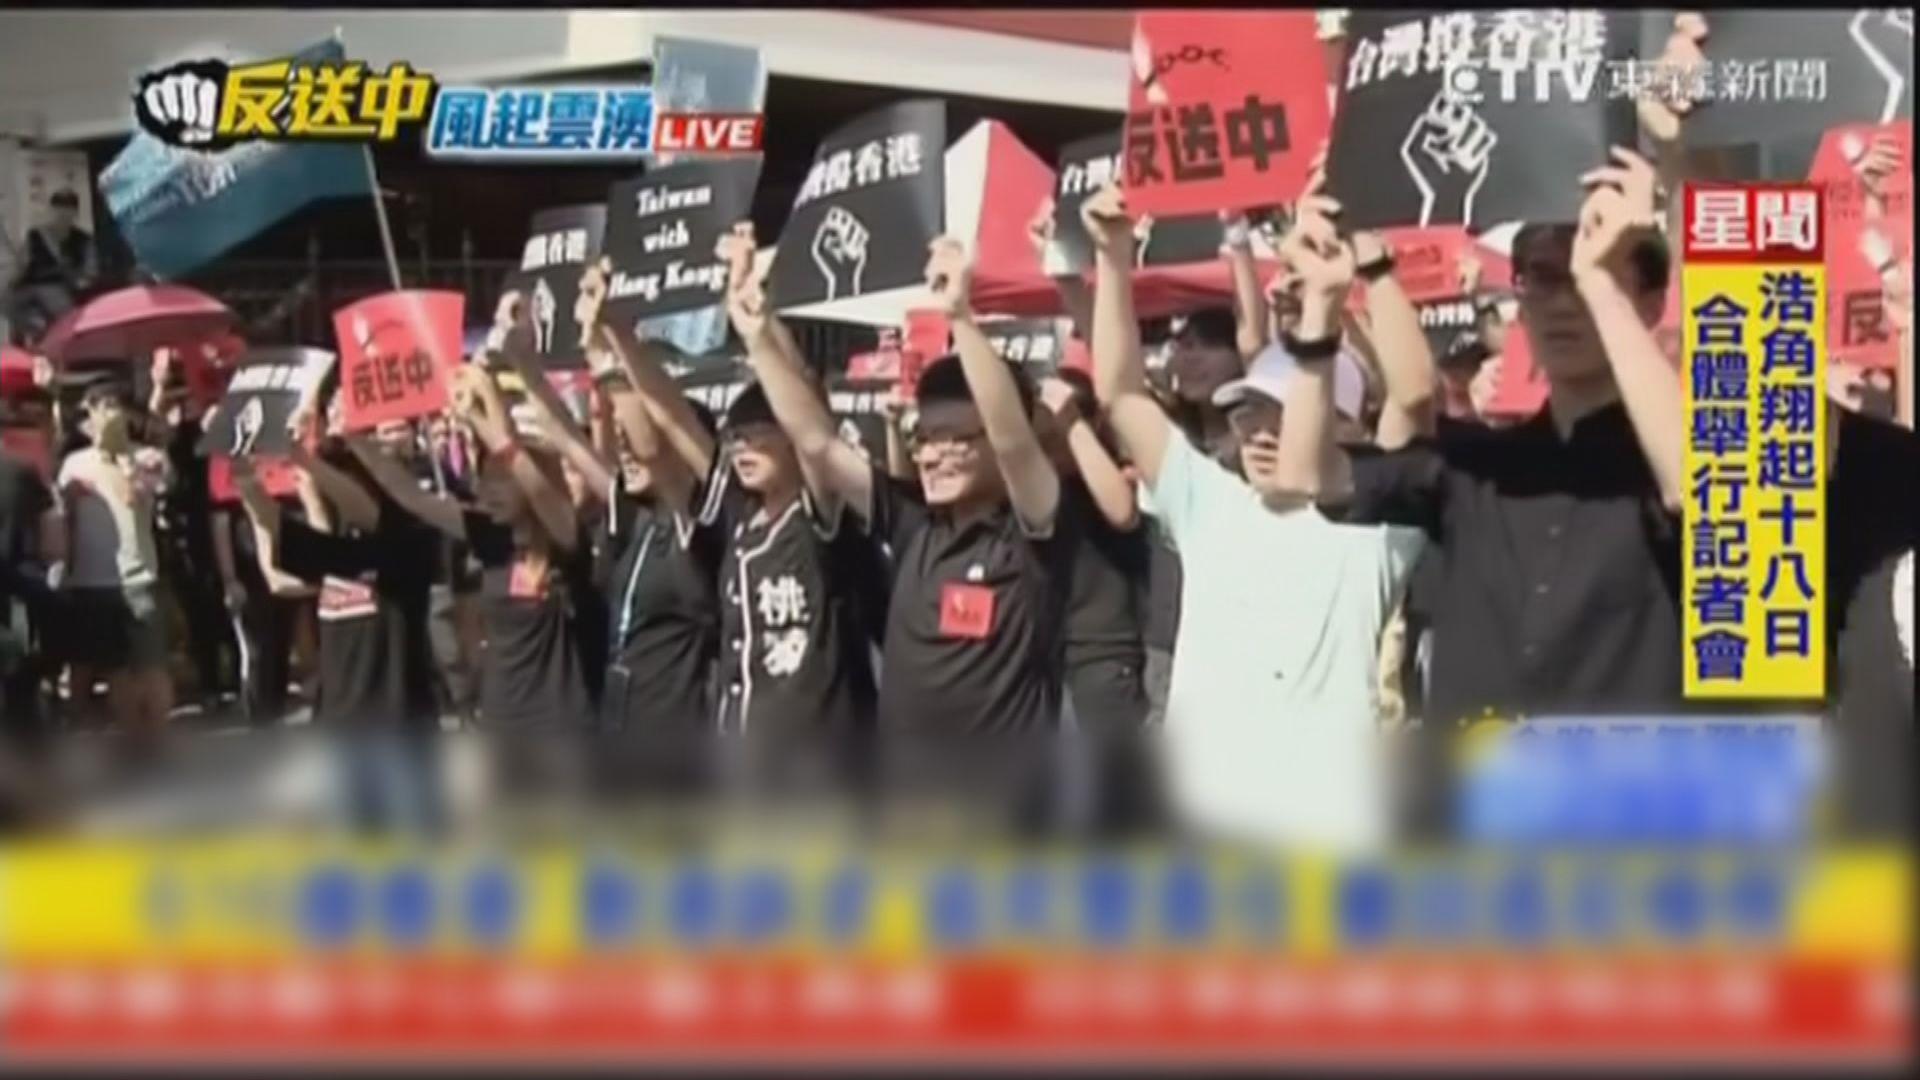 台灣有集會聲援香港反修例遊行